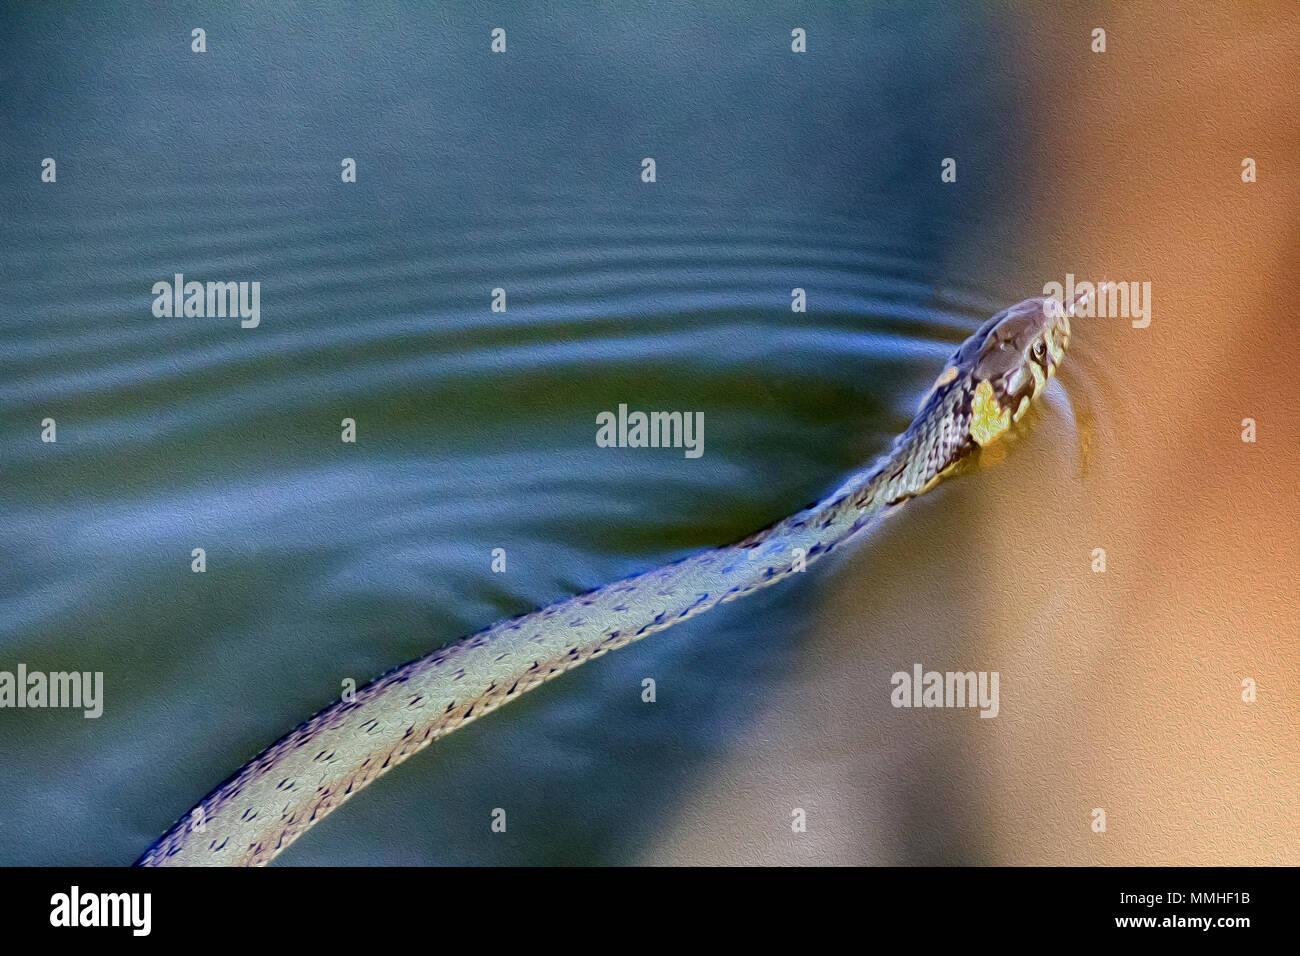 Couleuvre à collier (Natrix natrix) dans l'eau, flottant serpent, tête de couleuvre avec des points jaunes. La peinture à l'huile teintée de dessin photo Photo Stock